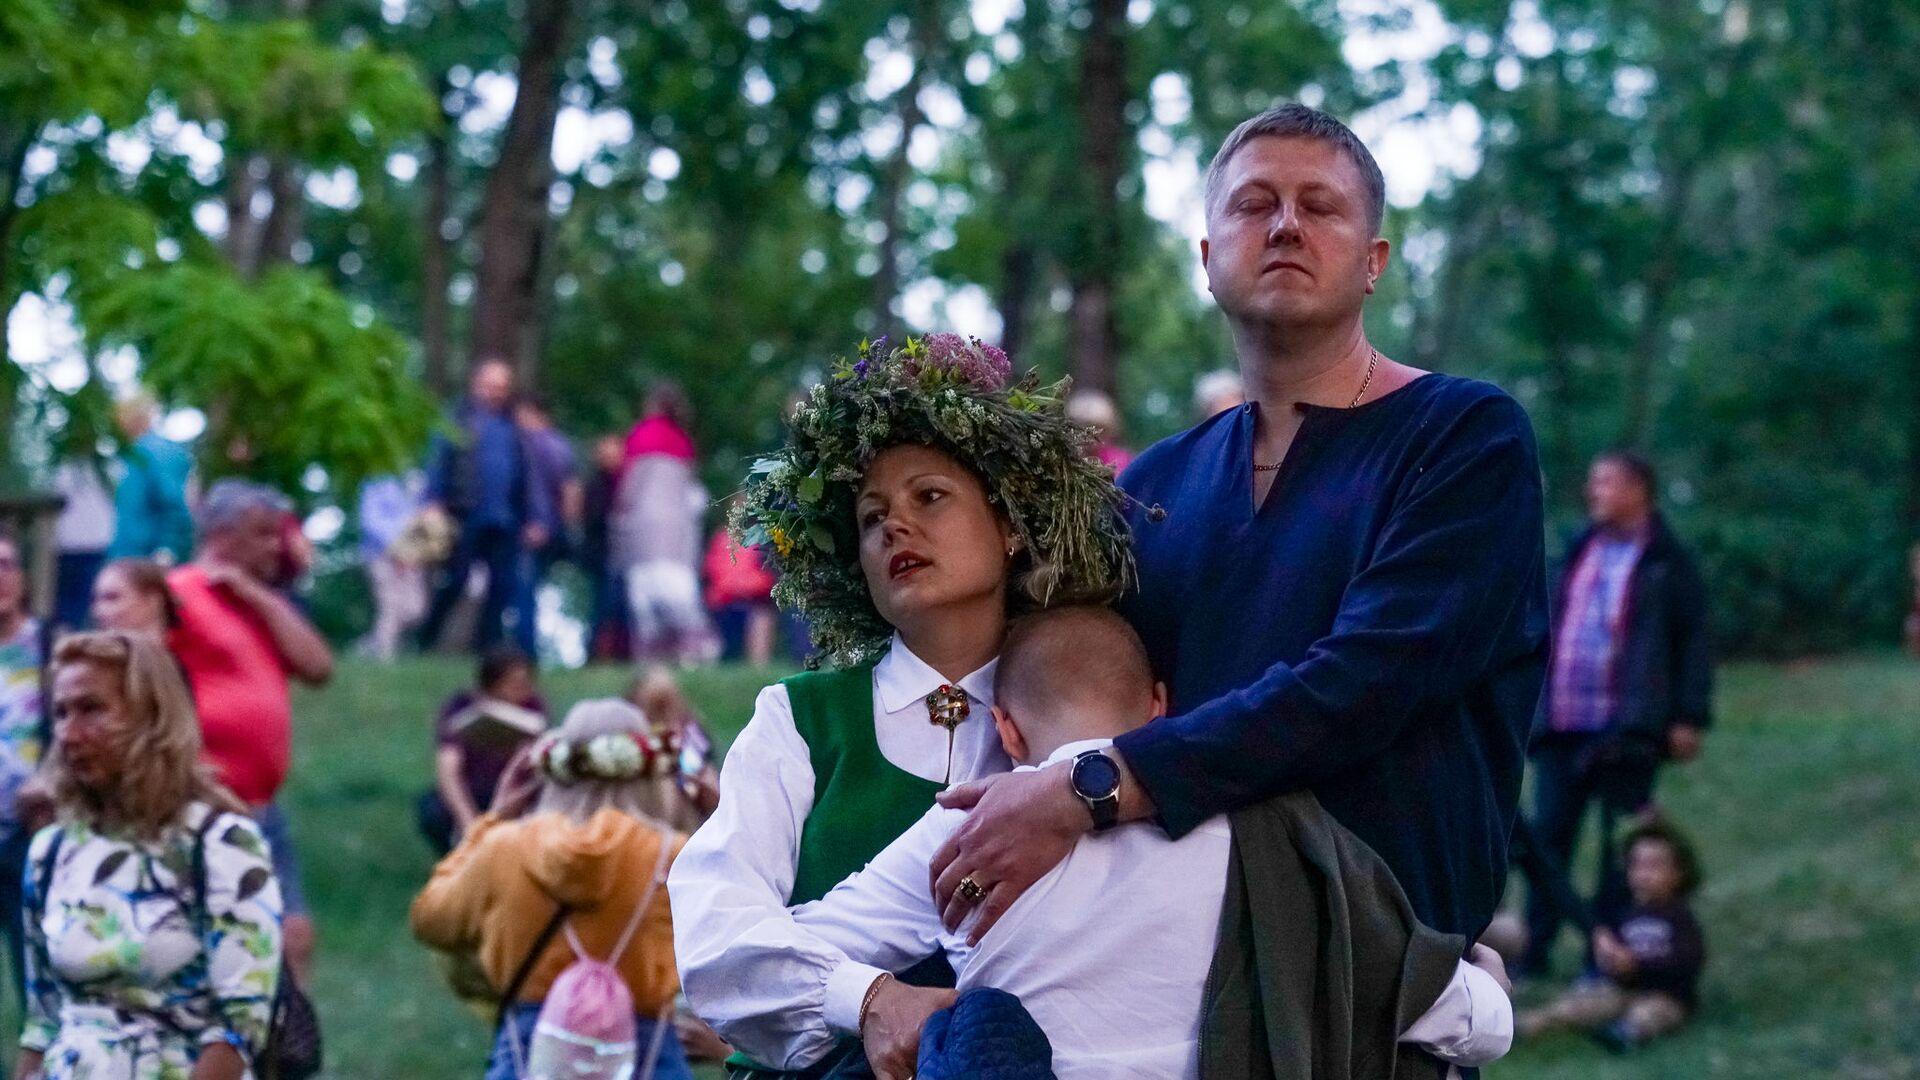 Жители Риги и гости столицы собрались на Кукушкиной горе для празднования Лиго - Sputnik Латвия, 1920, 23.06.2021